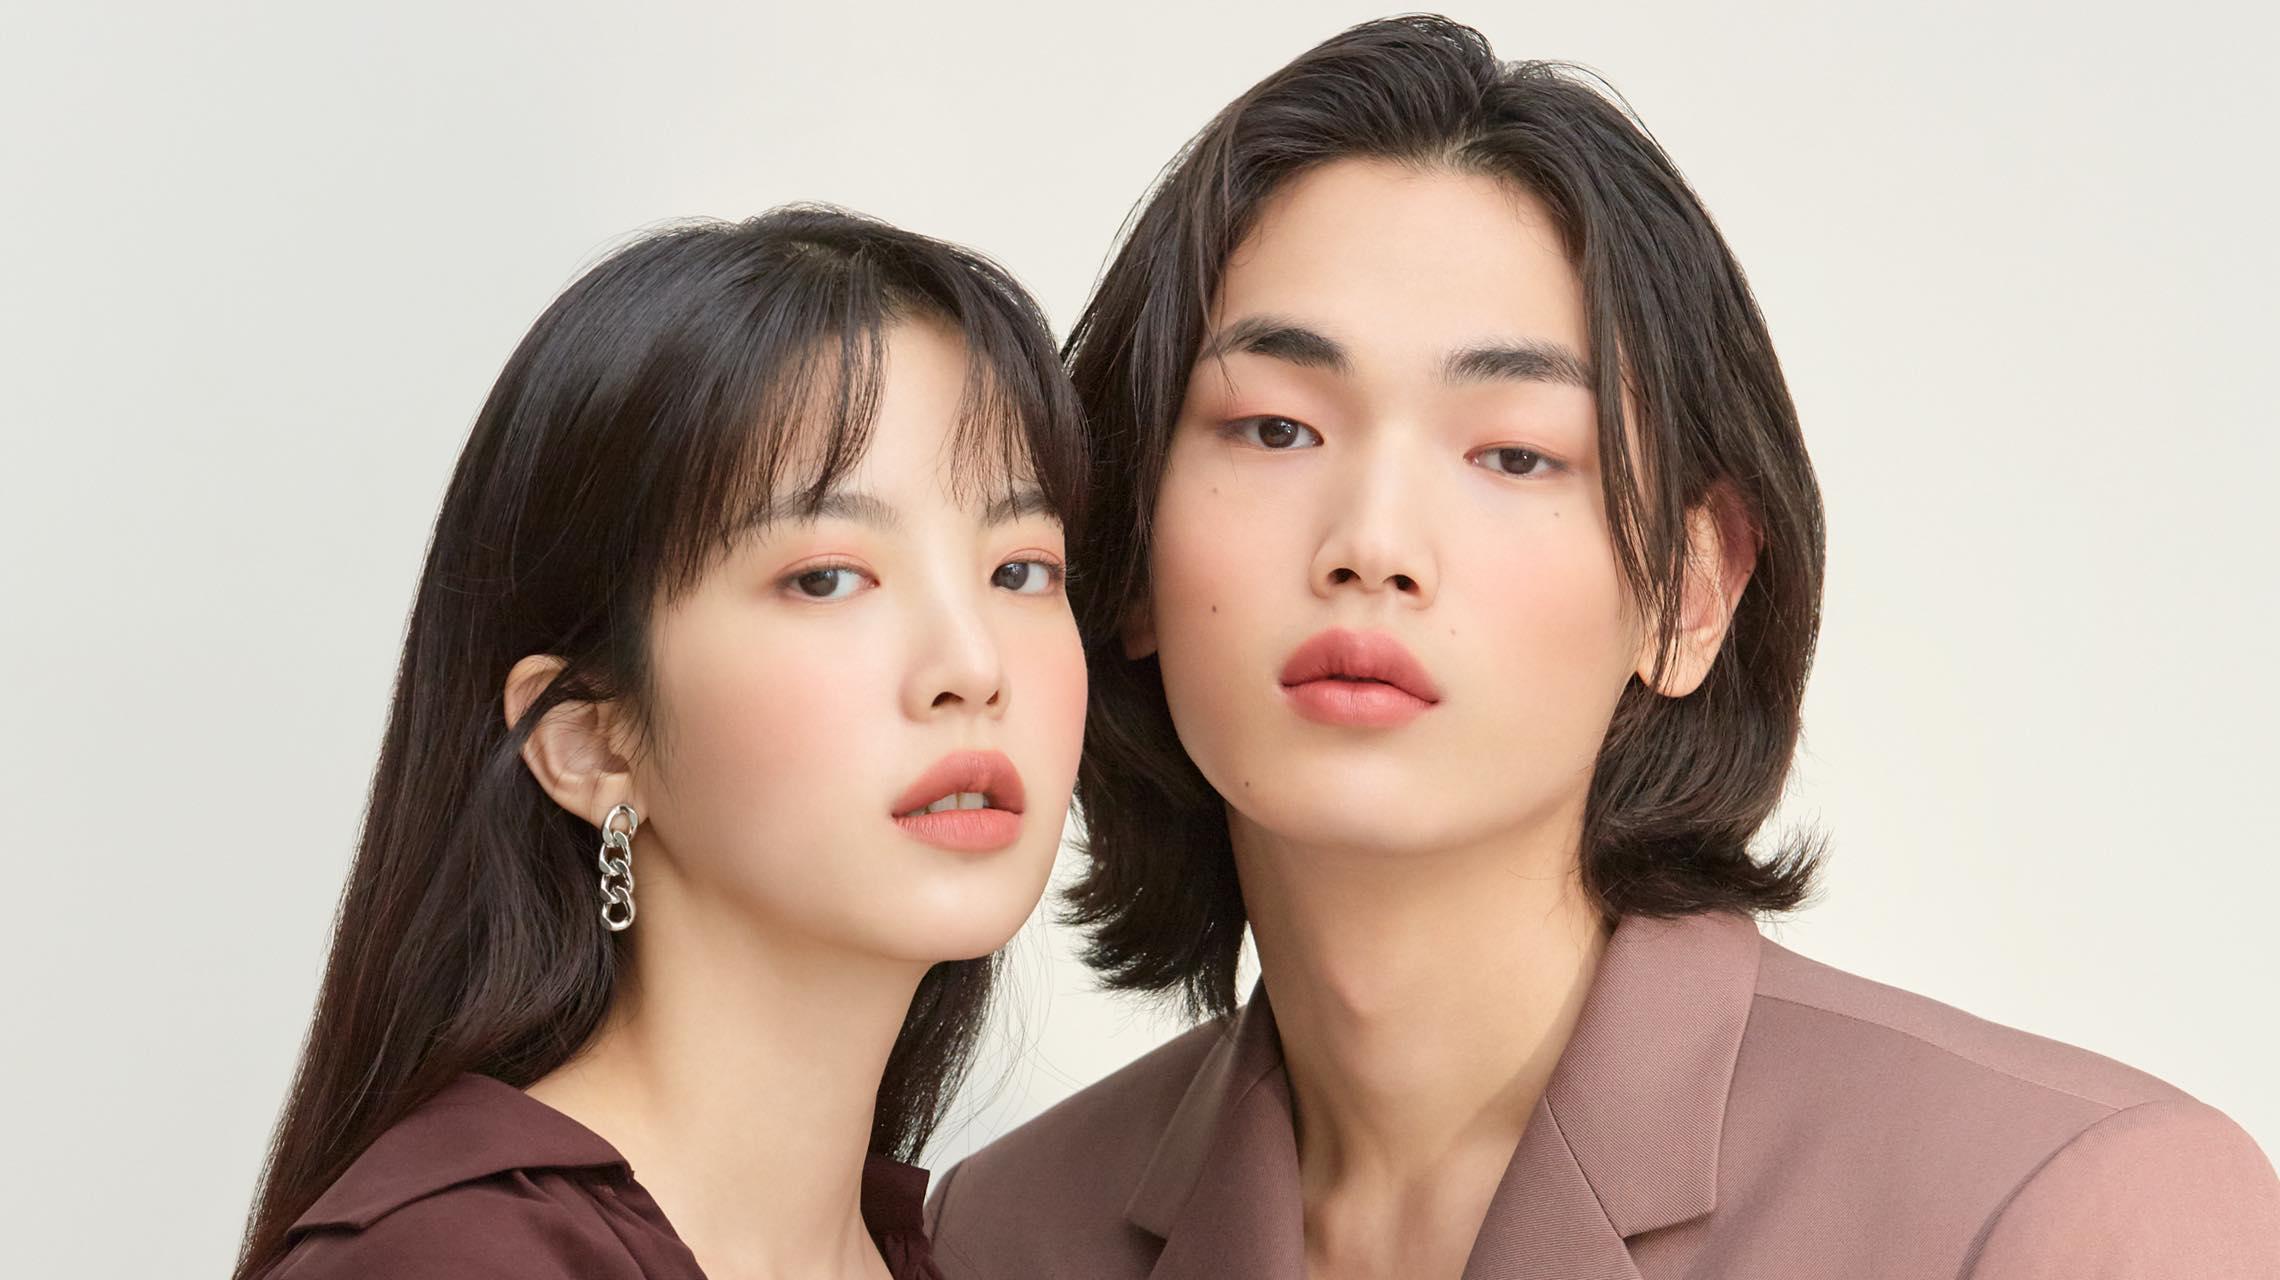 男性もメイクをする時代へ。美容大国・韓国発コスメ『LAKA』が提案する「新しい美意識」